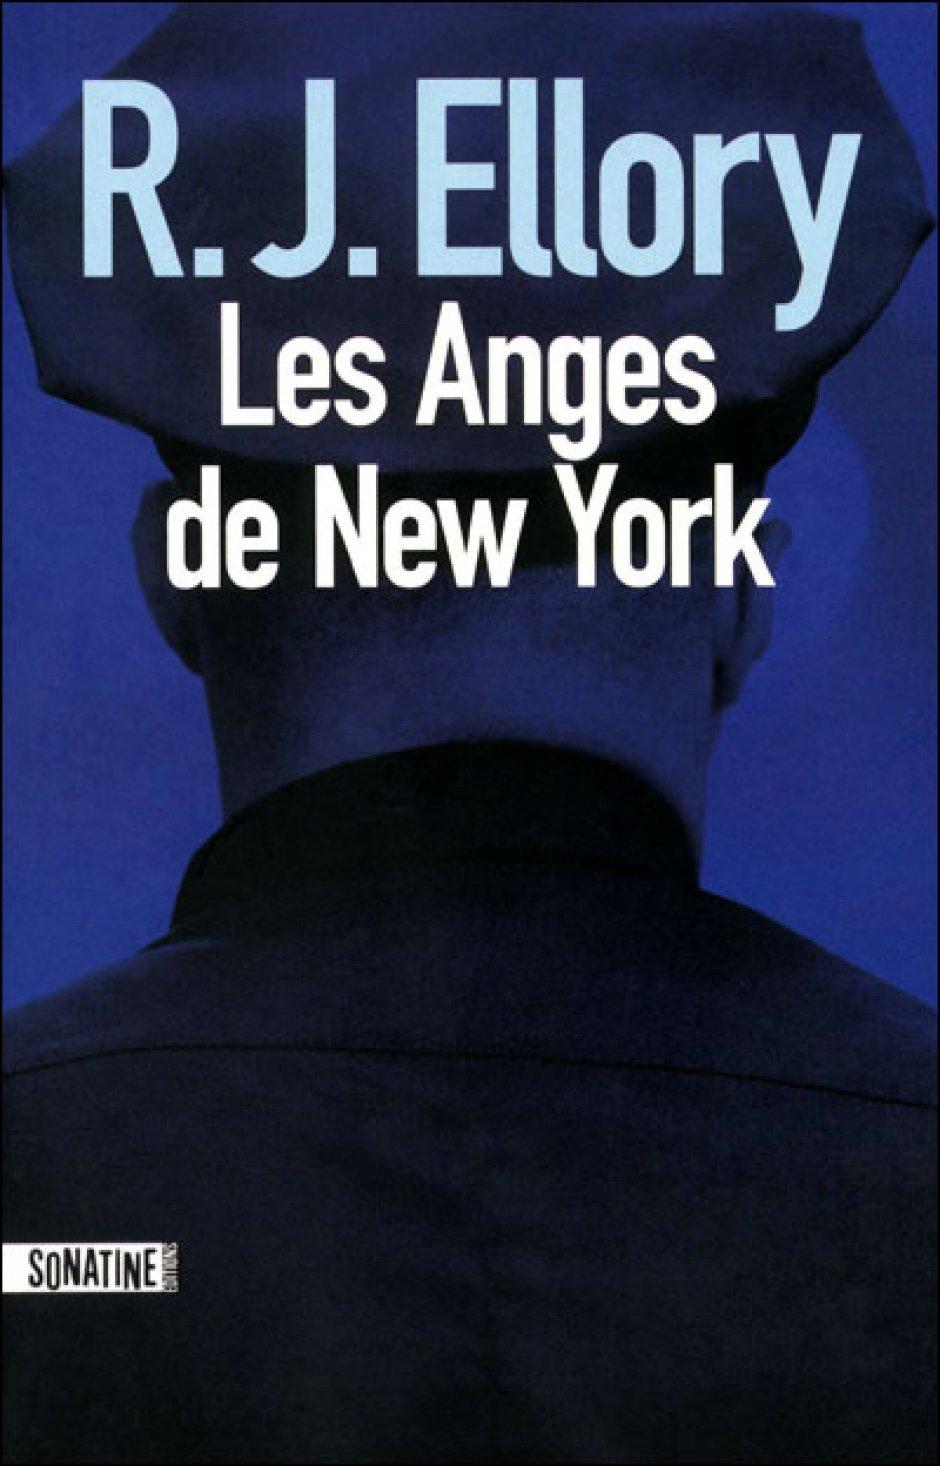 LIVRE_Les_Anges_de_New_York_1342109209